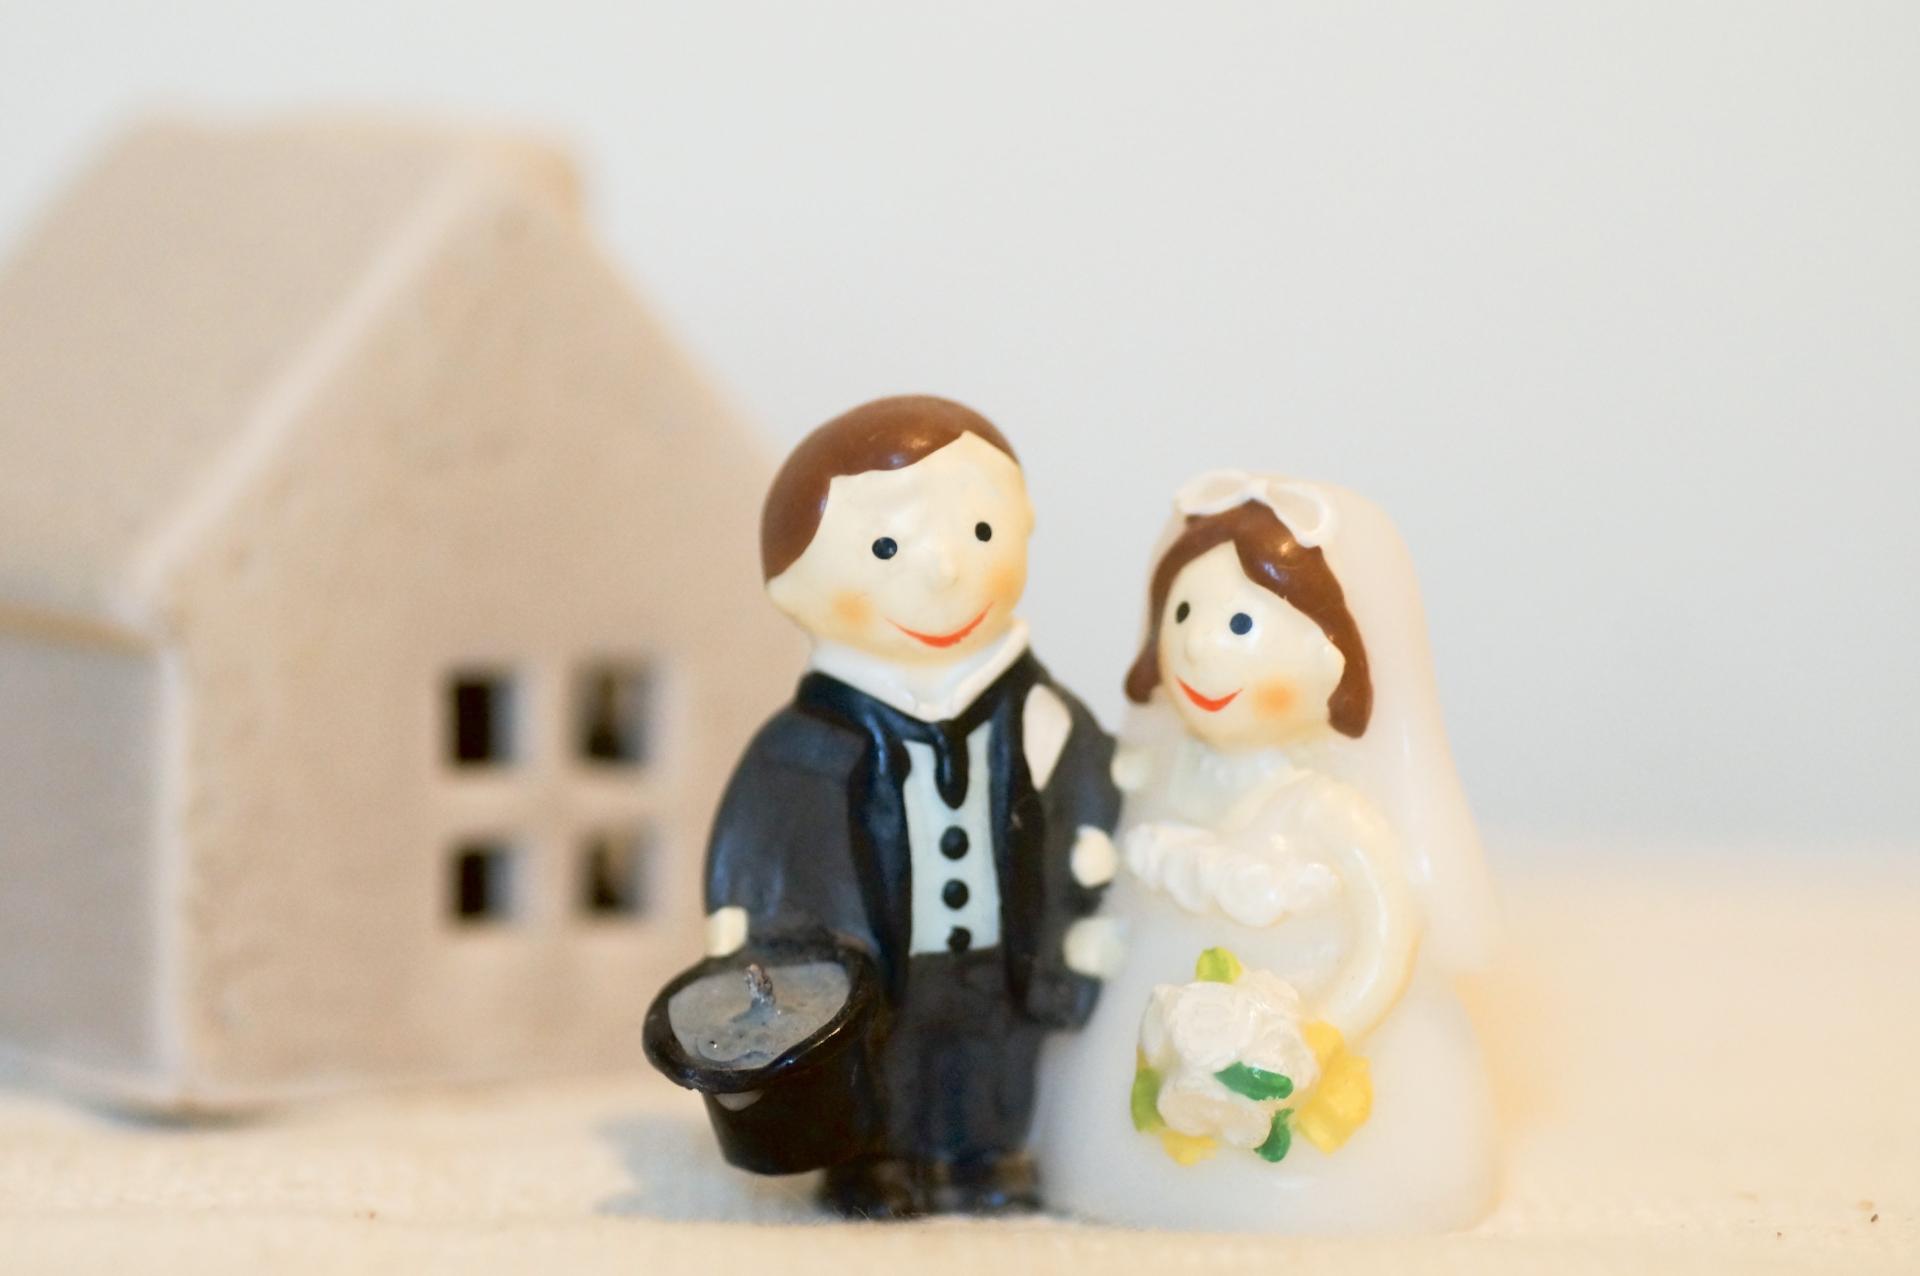 千歳市、オンライン婚活パーティーを開催[ニュース]